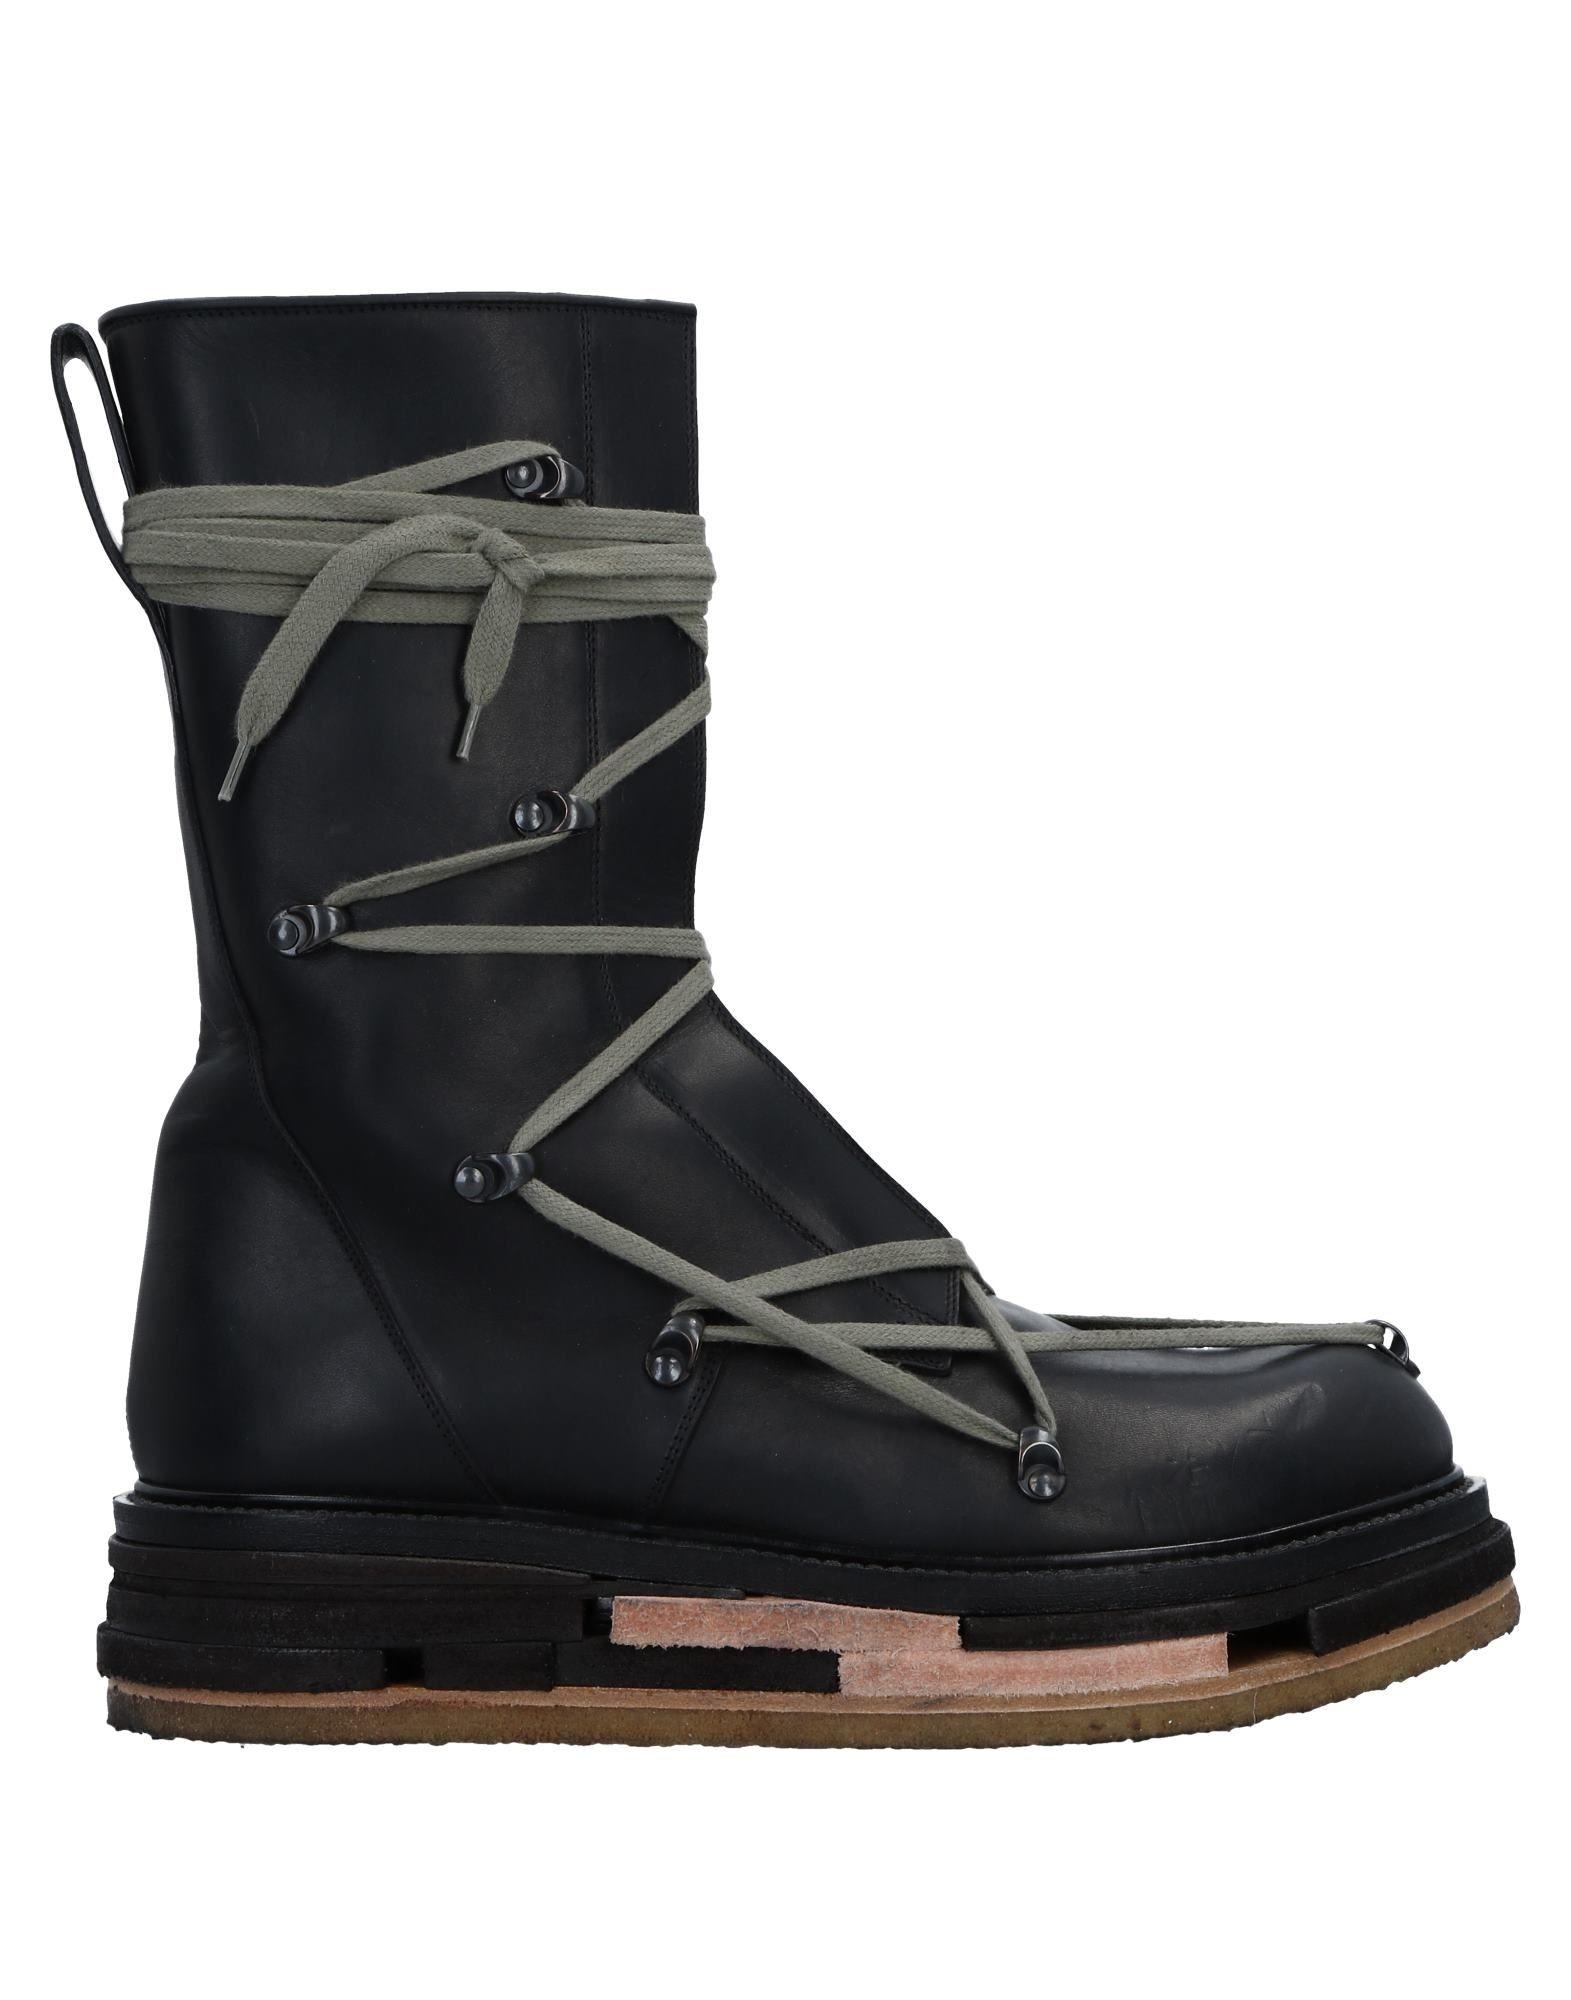 Rick Owens Stiefelette Herren beliebte  11518019TH Gute Qualität beliebte Herren Schuhe d8dcc8